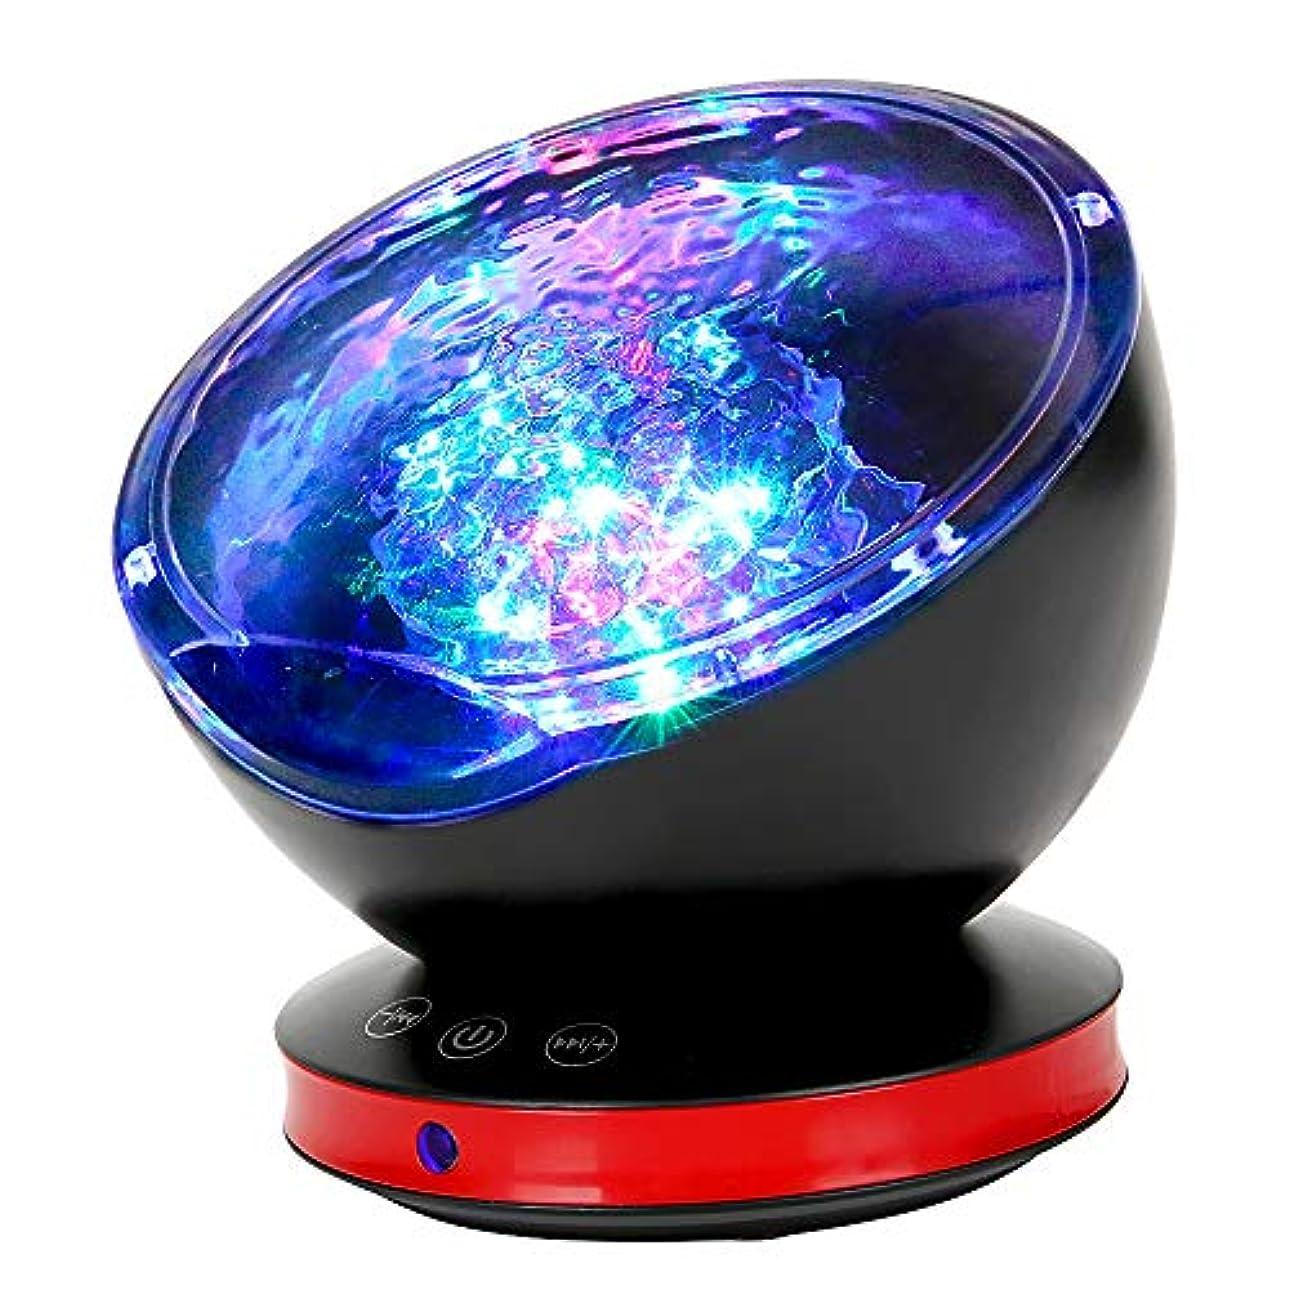 放送コンテンツ回るQCY 海洋プロジェクターライト 8種点灯モード 6種音内蔵 USB給電 輝度/角度調整可 スピーカー搭載 ブラック